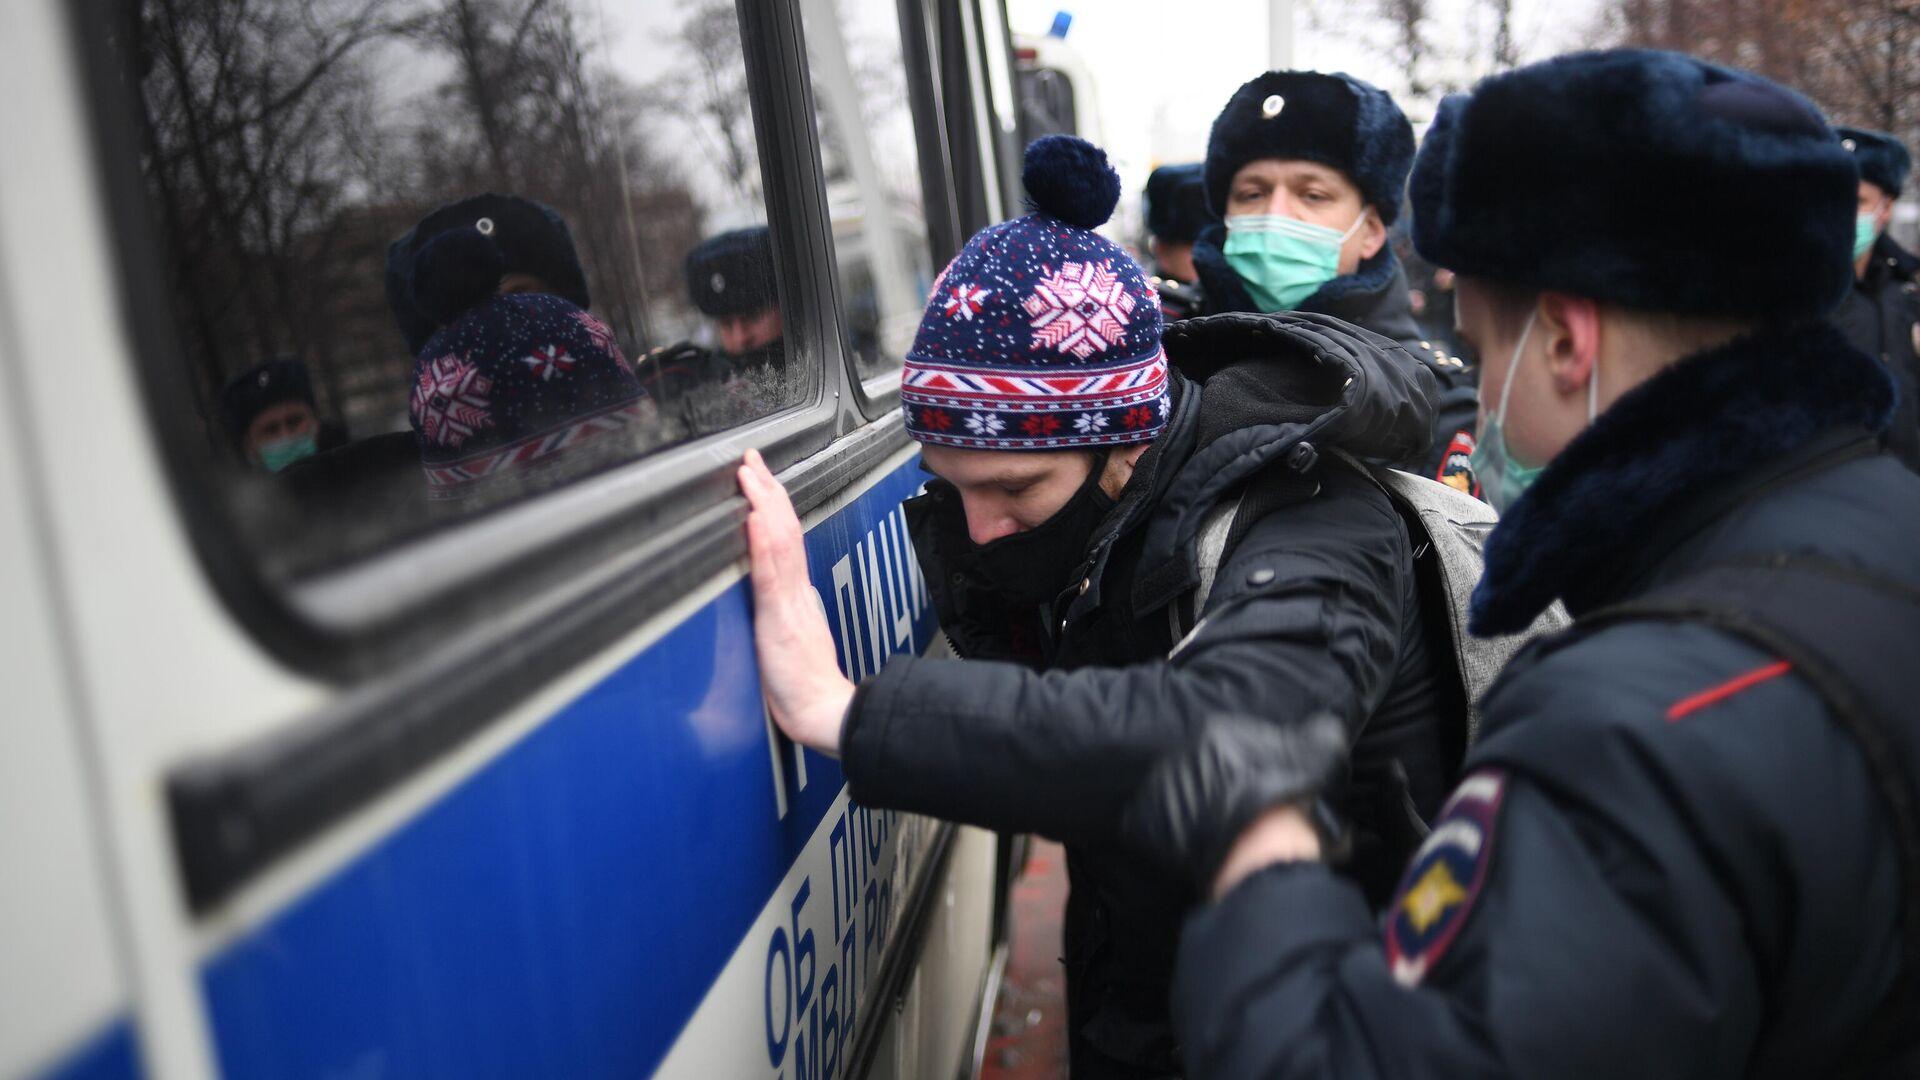 Сотрудники полиции задерживают участника несанкционированной акции сторонников Алексея Навального в Москве - РИА Новости, 1920, 23.01.2021